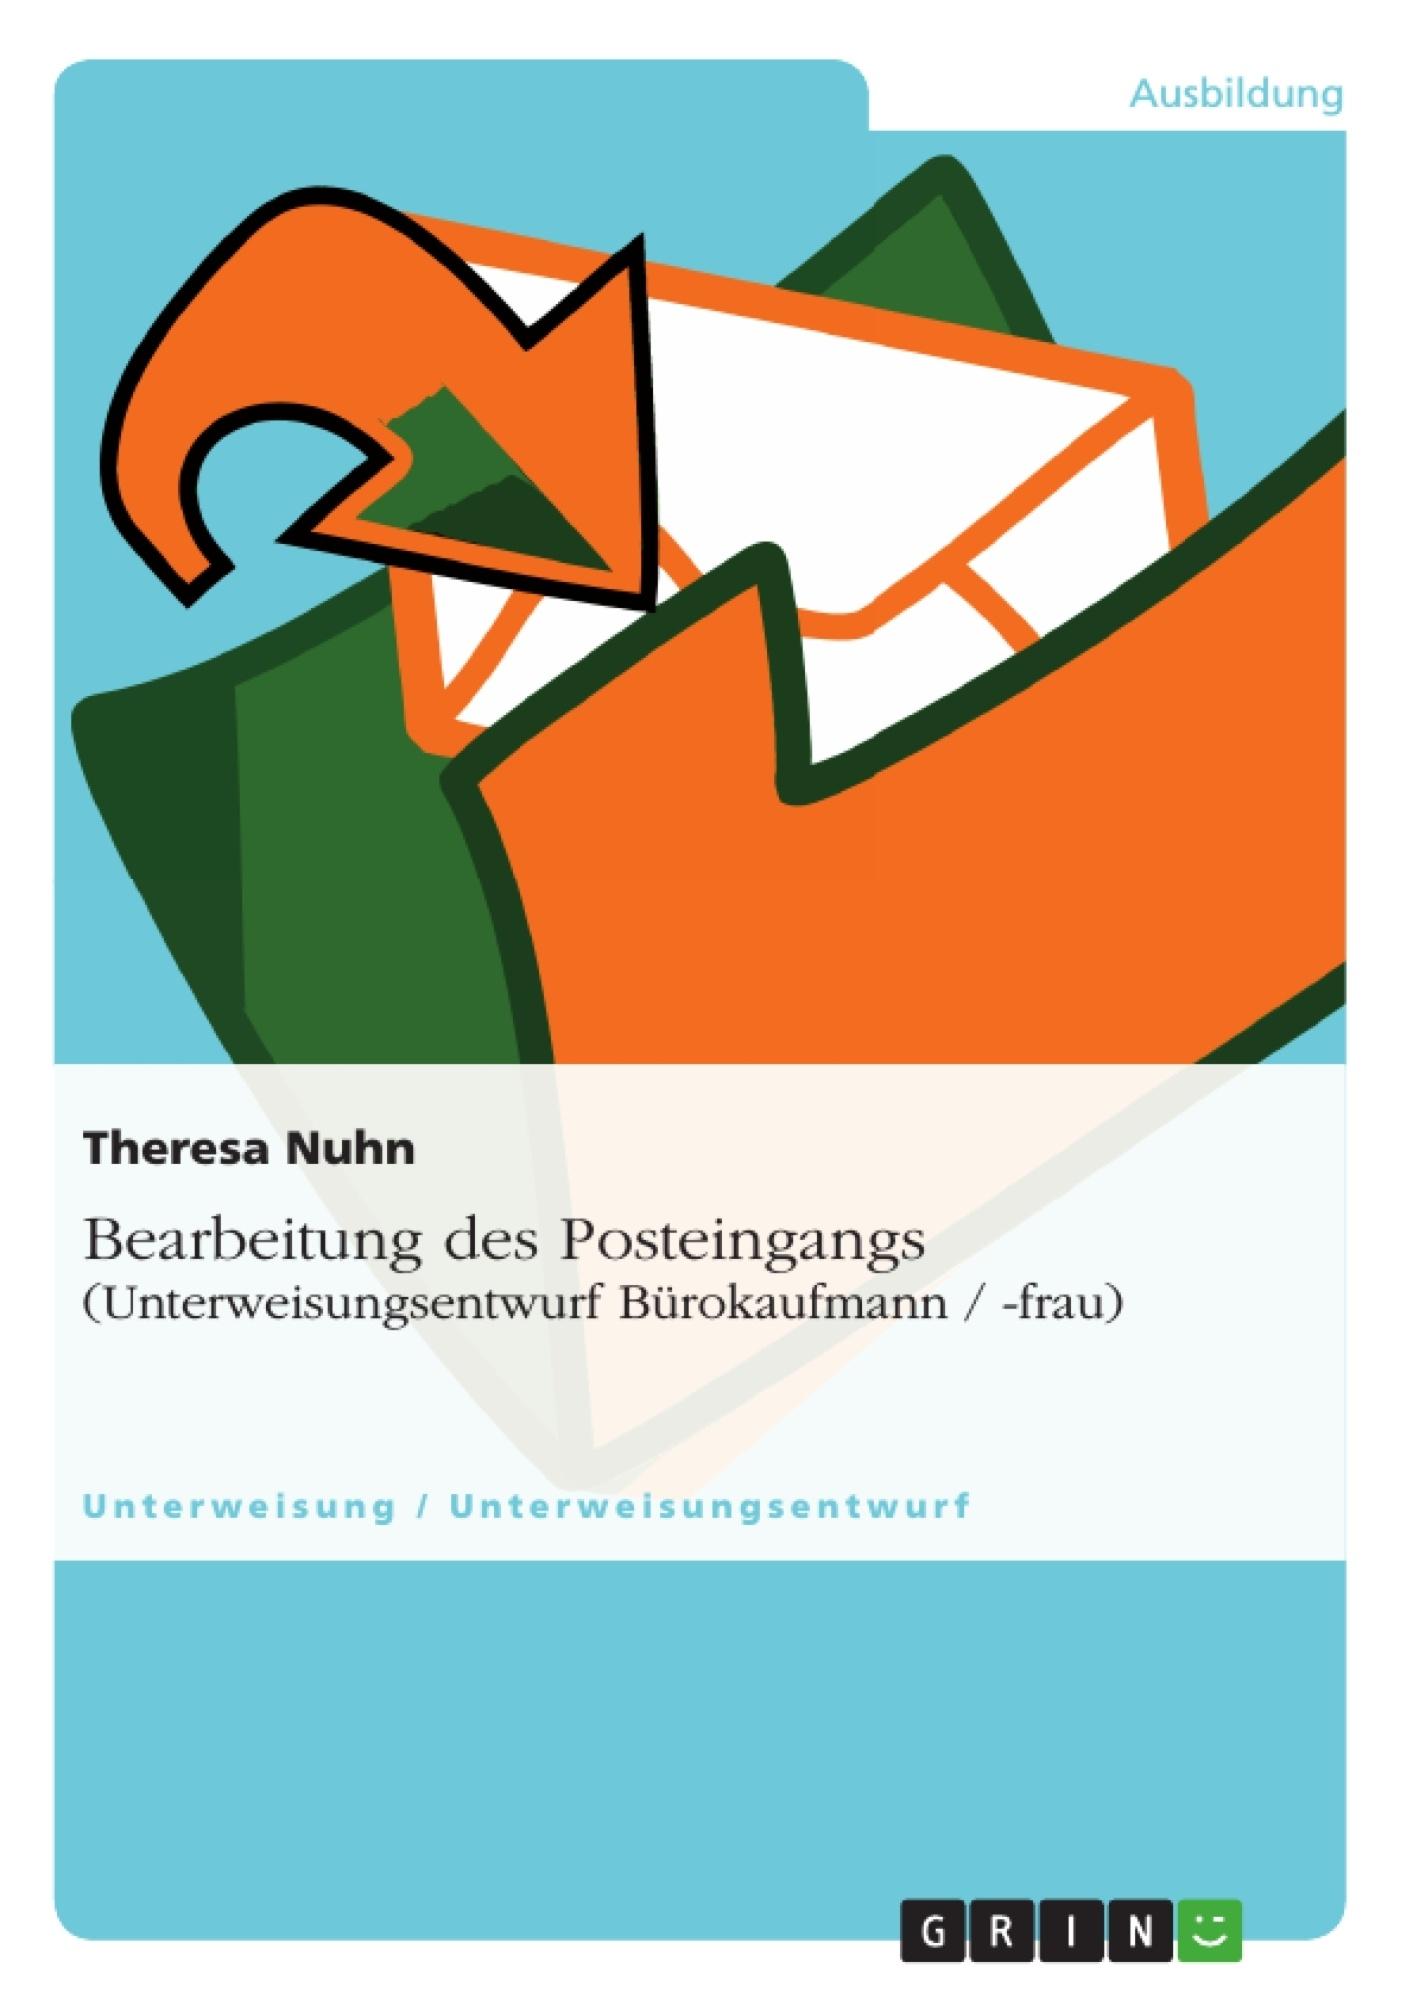 Titel: Bearbeitung des Posteingangs (Unterweisungsentwurf Bürokaufmann / -frau)